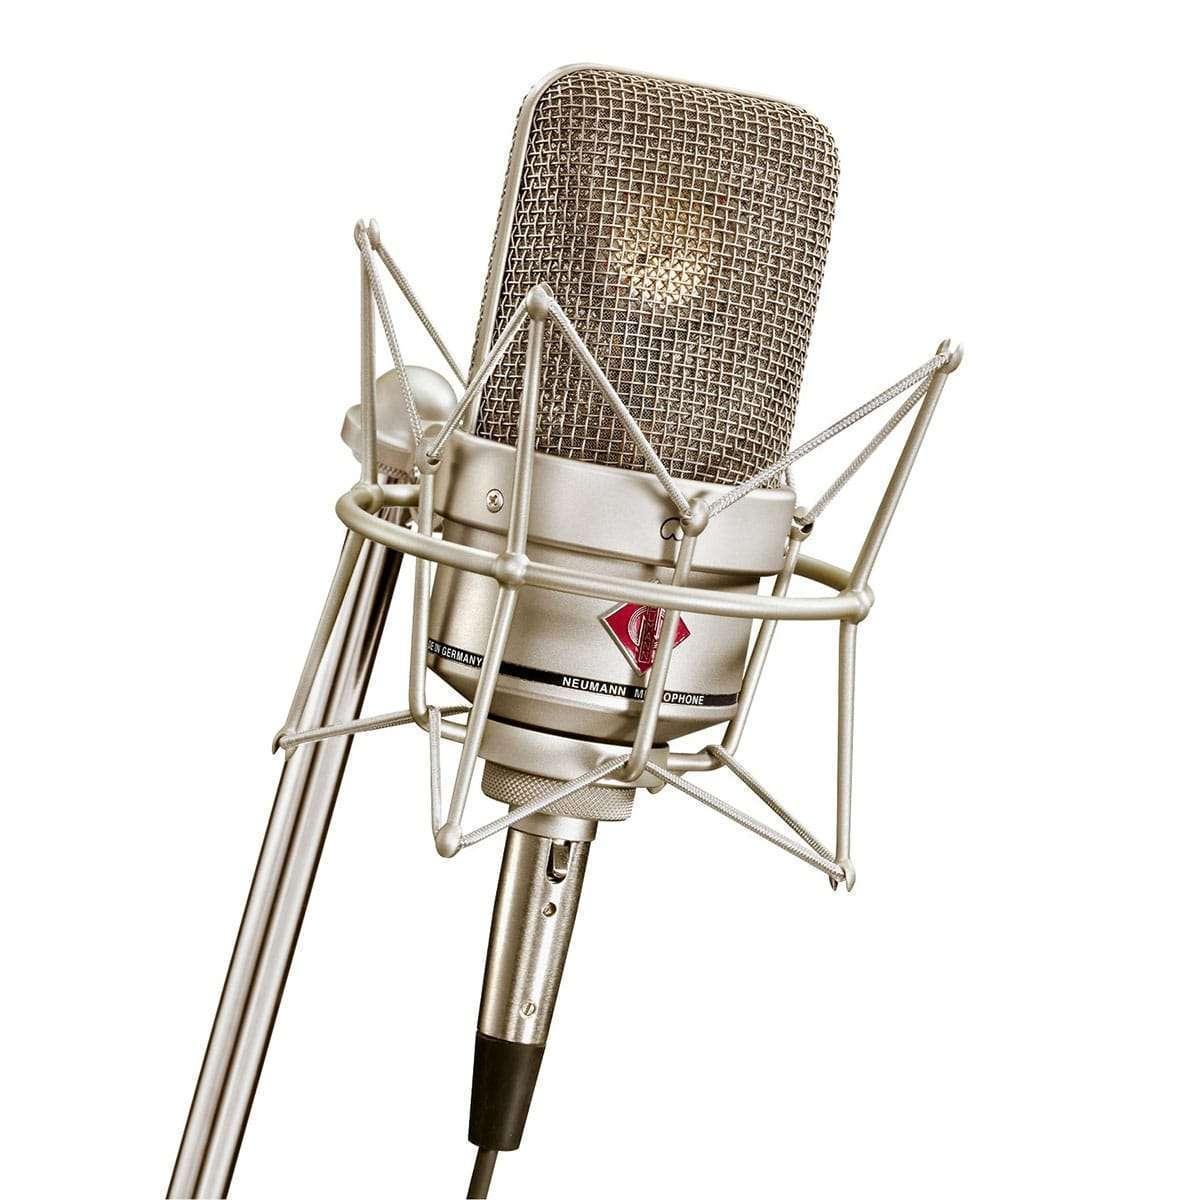 Neumann TLM 49 EA 3 bundle 01 Microfoni a Condensatore, Microfoni professionali, Strumentazioni Pro Audio per studi di registrazione